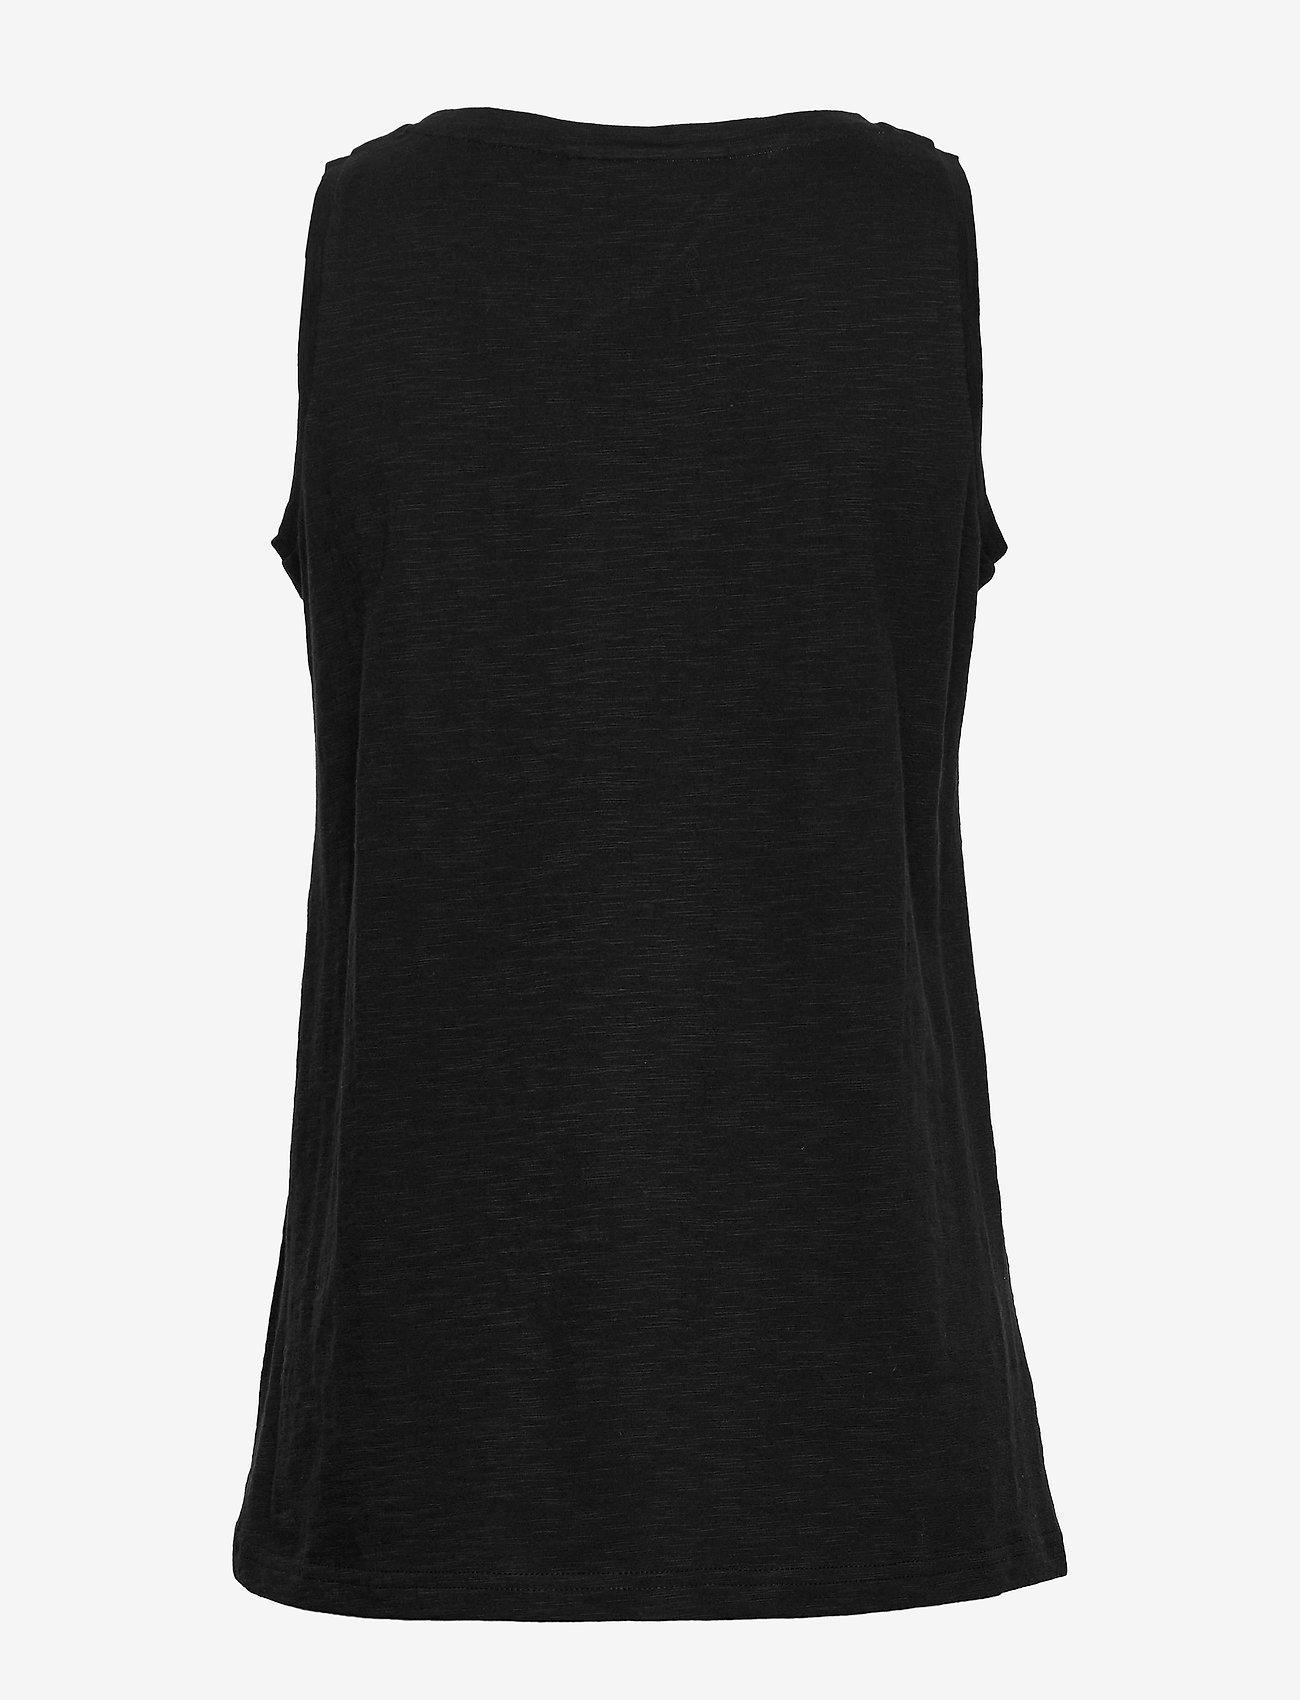 Noa Noa Top - T-shirty i zopy BLACK - Kobiety Odzież.